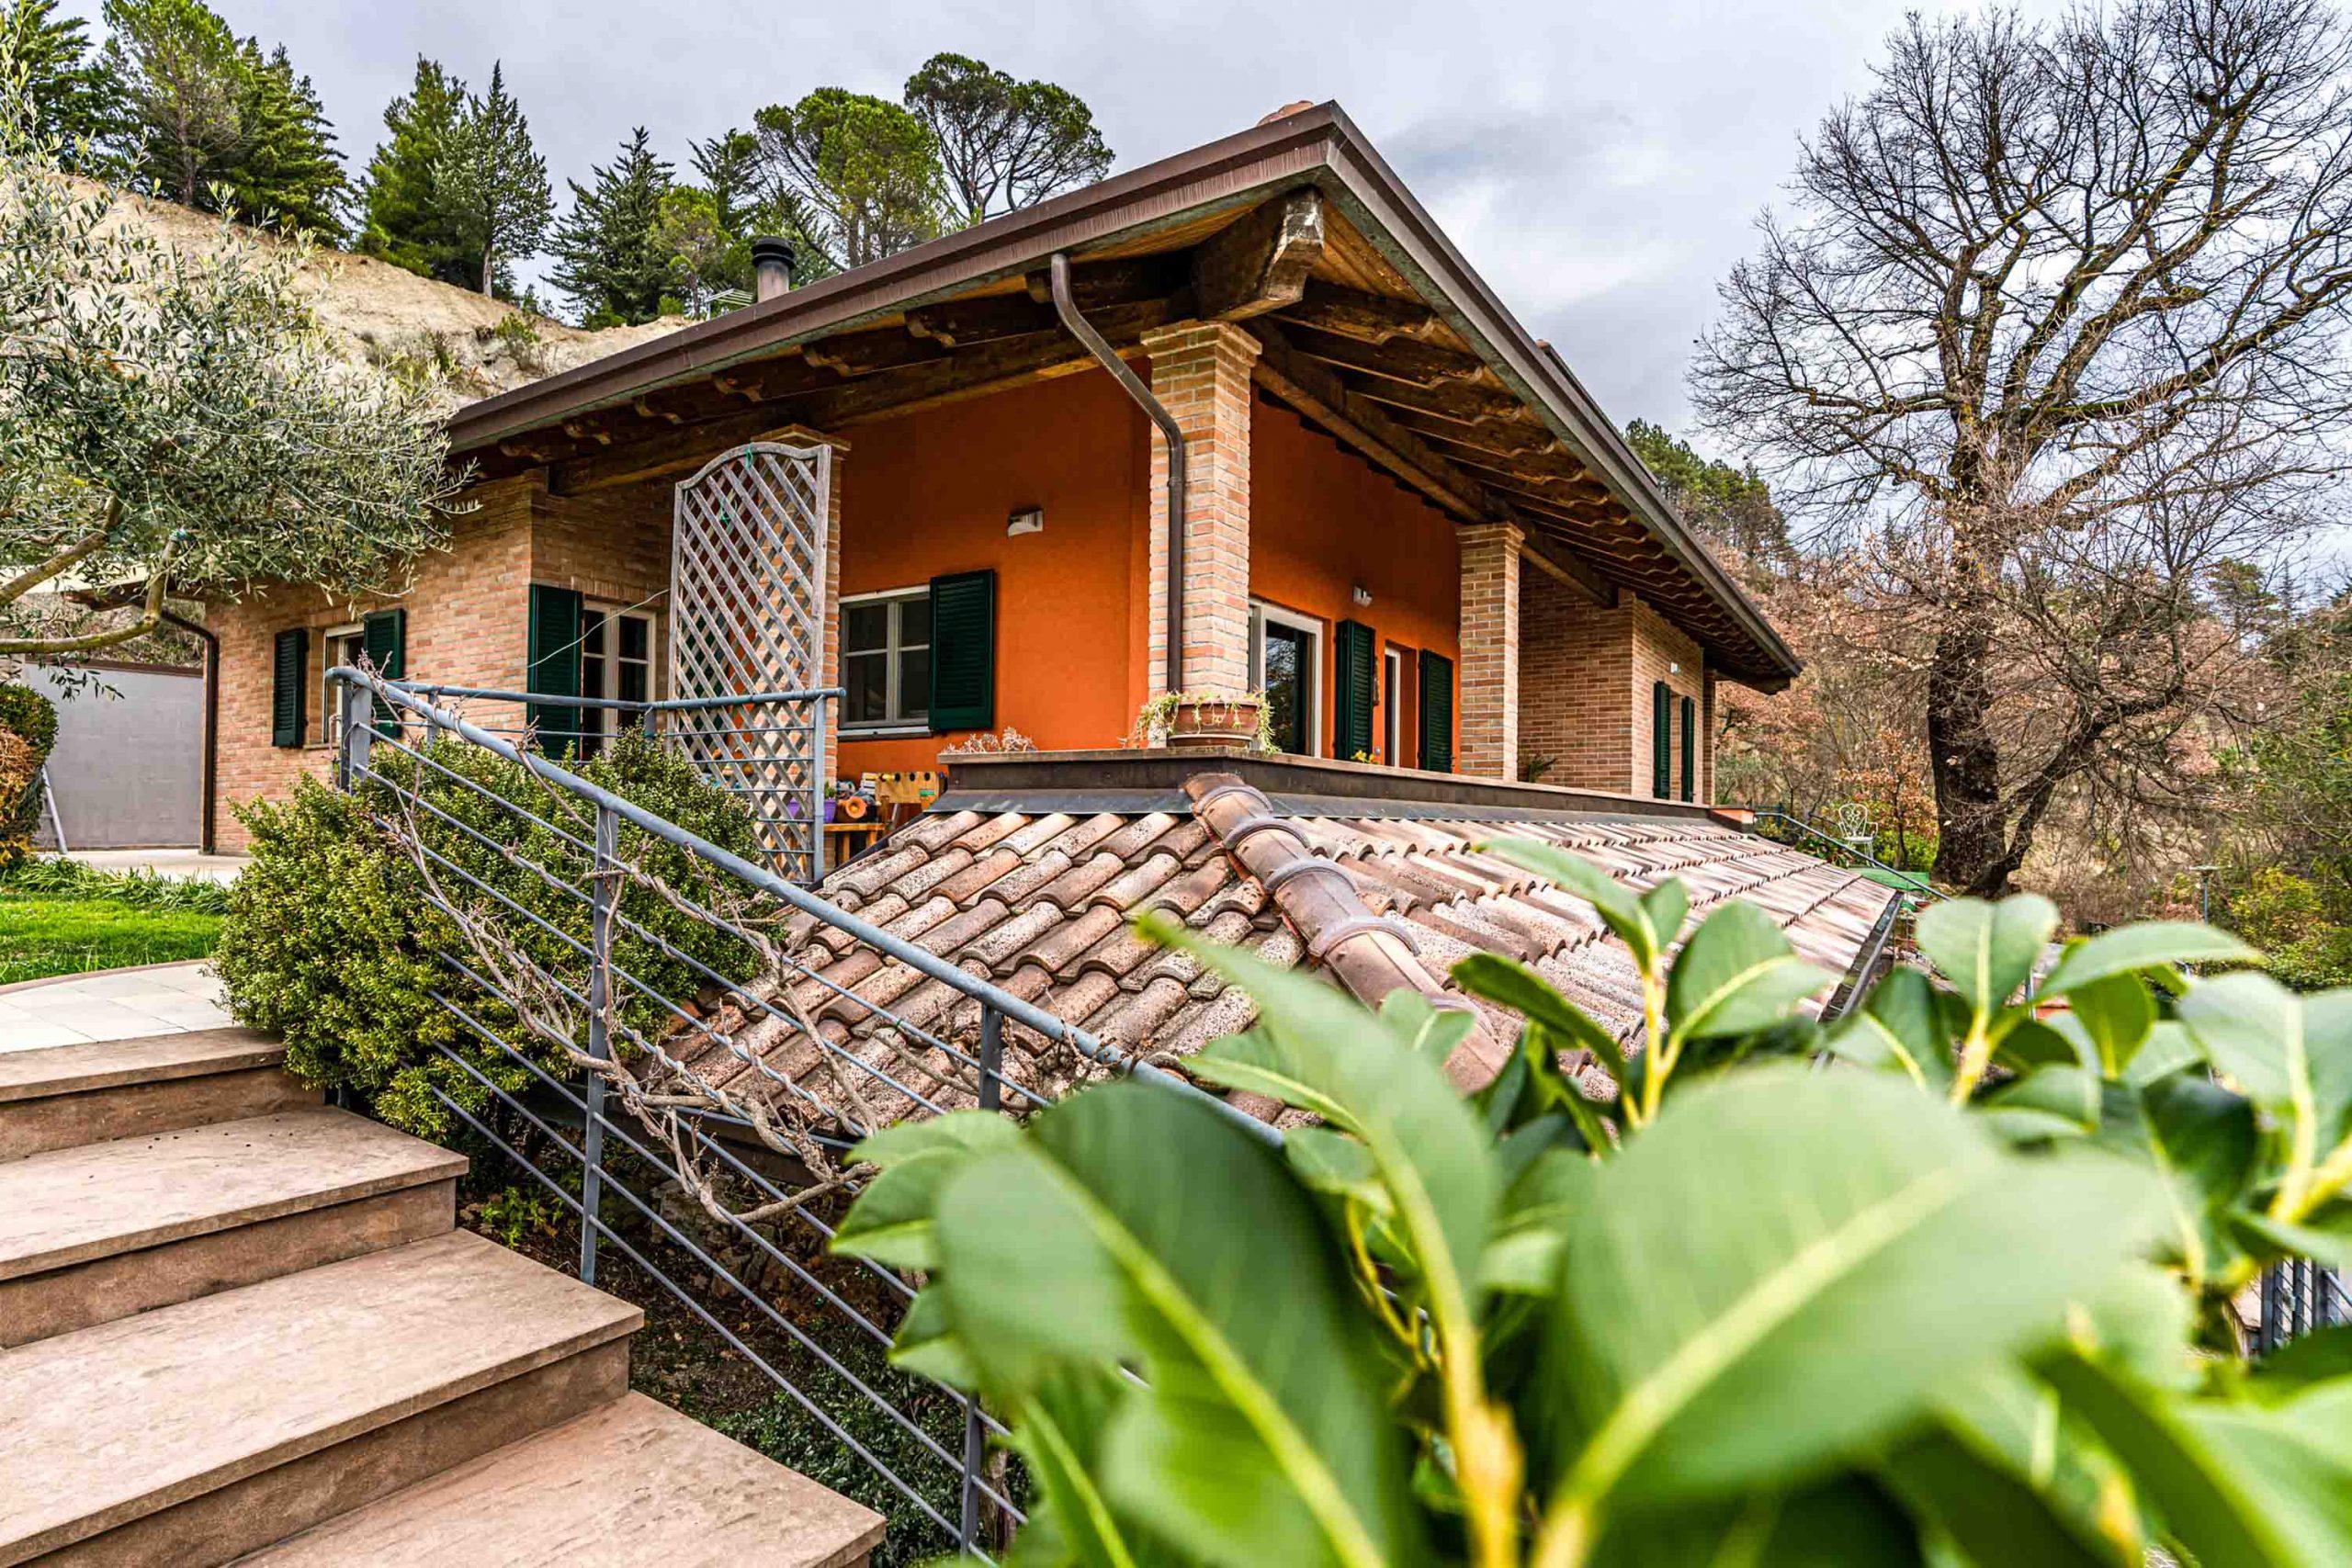 Wooden Houses_Villa Unifamiliare a due piani più seminterrato_Struttura in legno dall'aspetto classico in punto panoramico